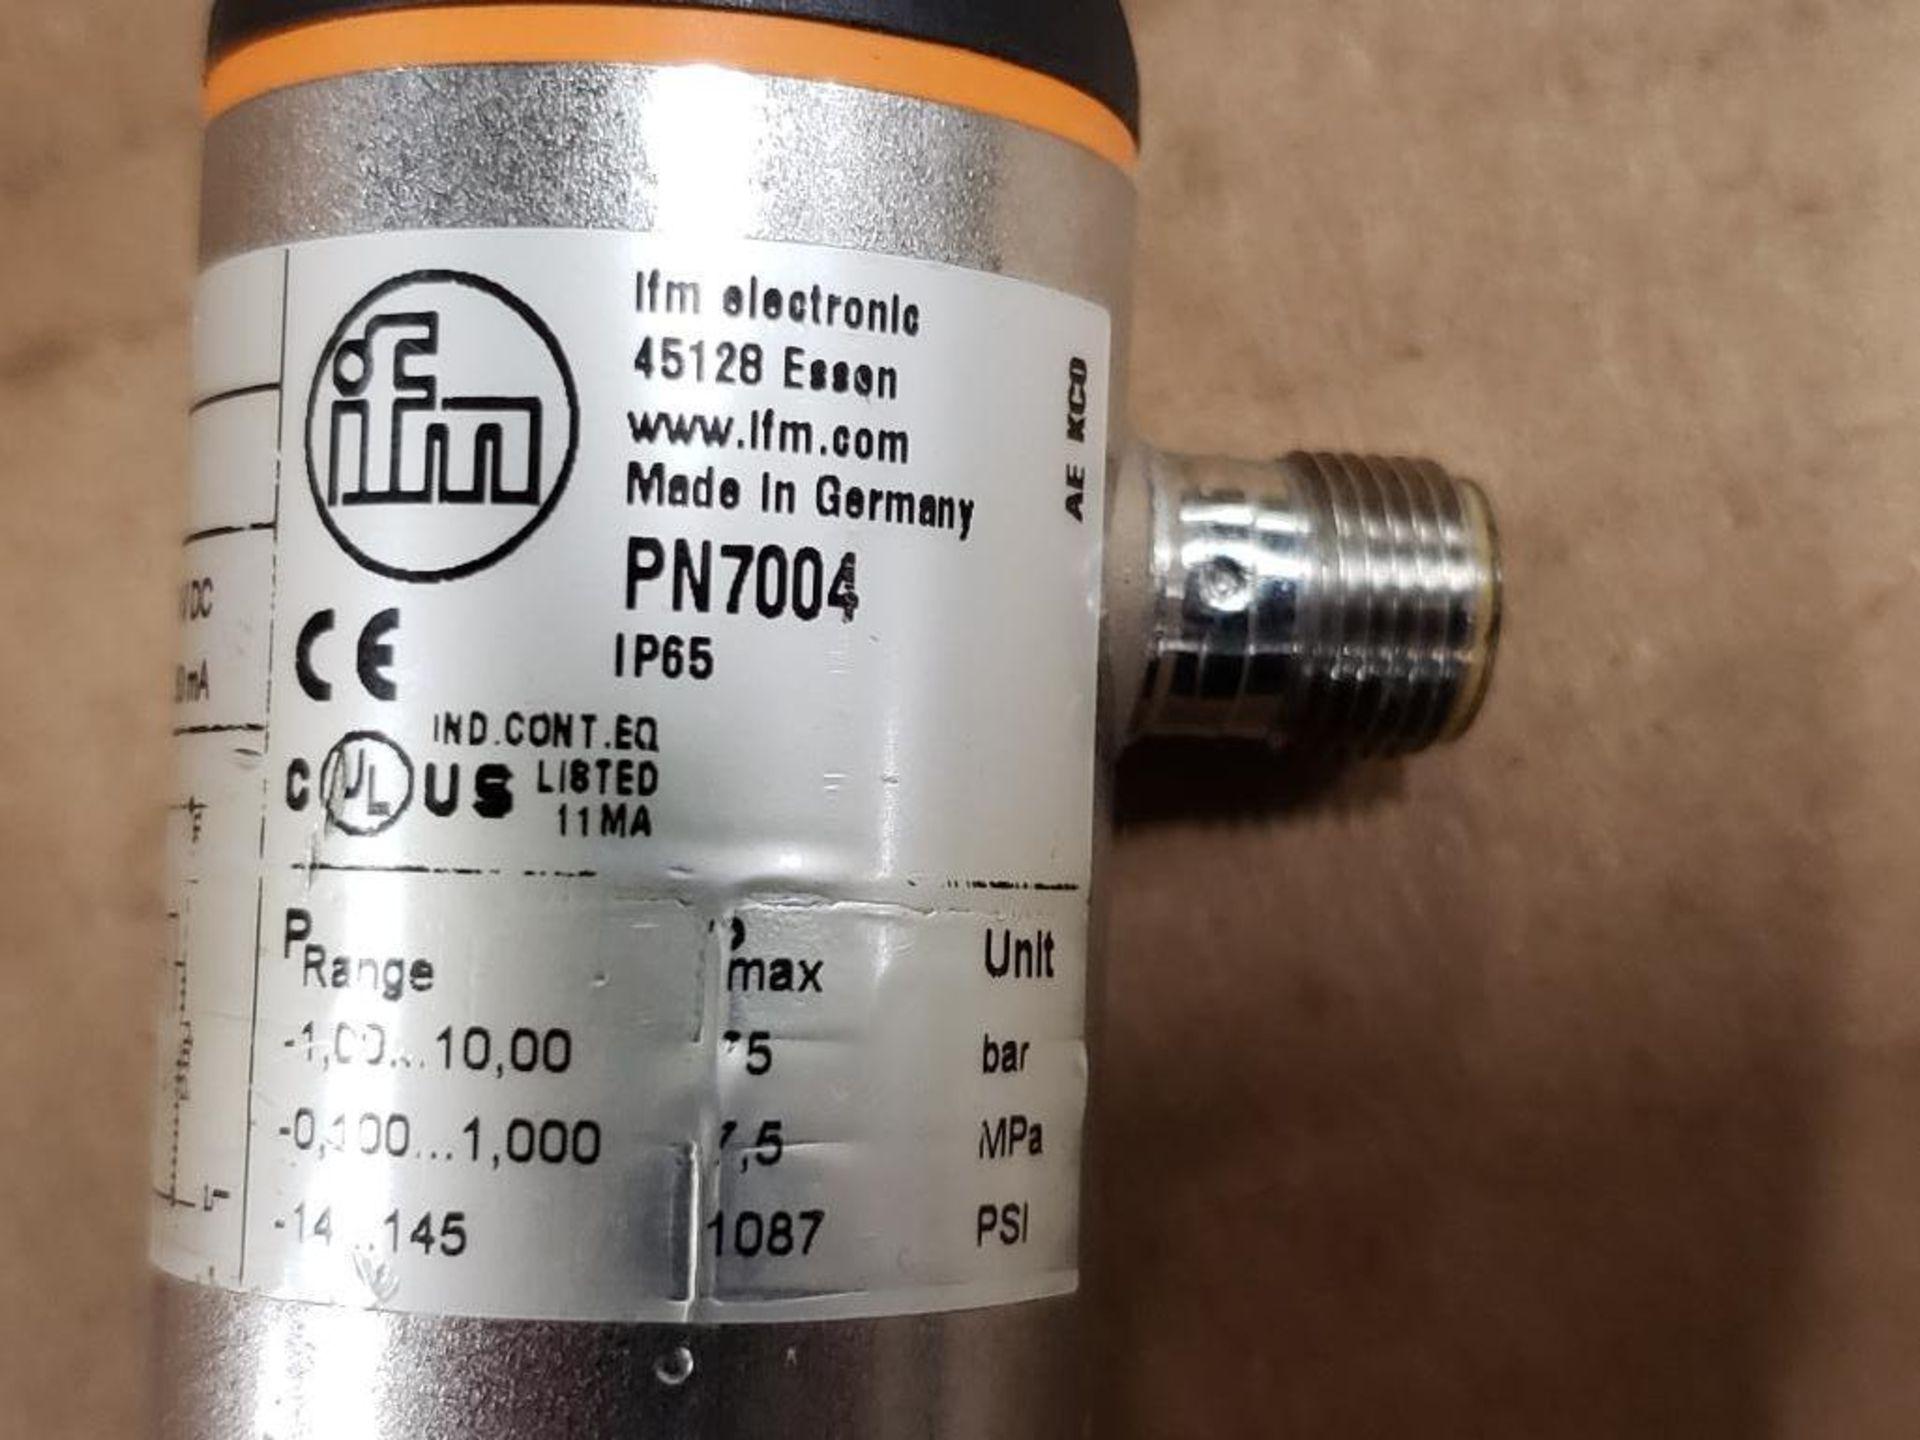 Qty 3 - IFM PN7004 Pressure switch sensor. - Image 2 of 3